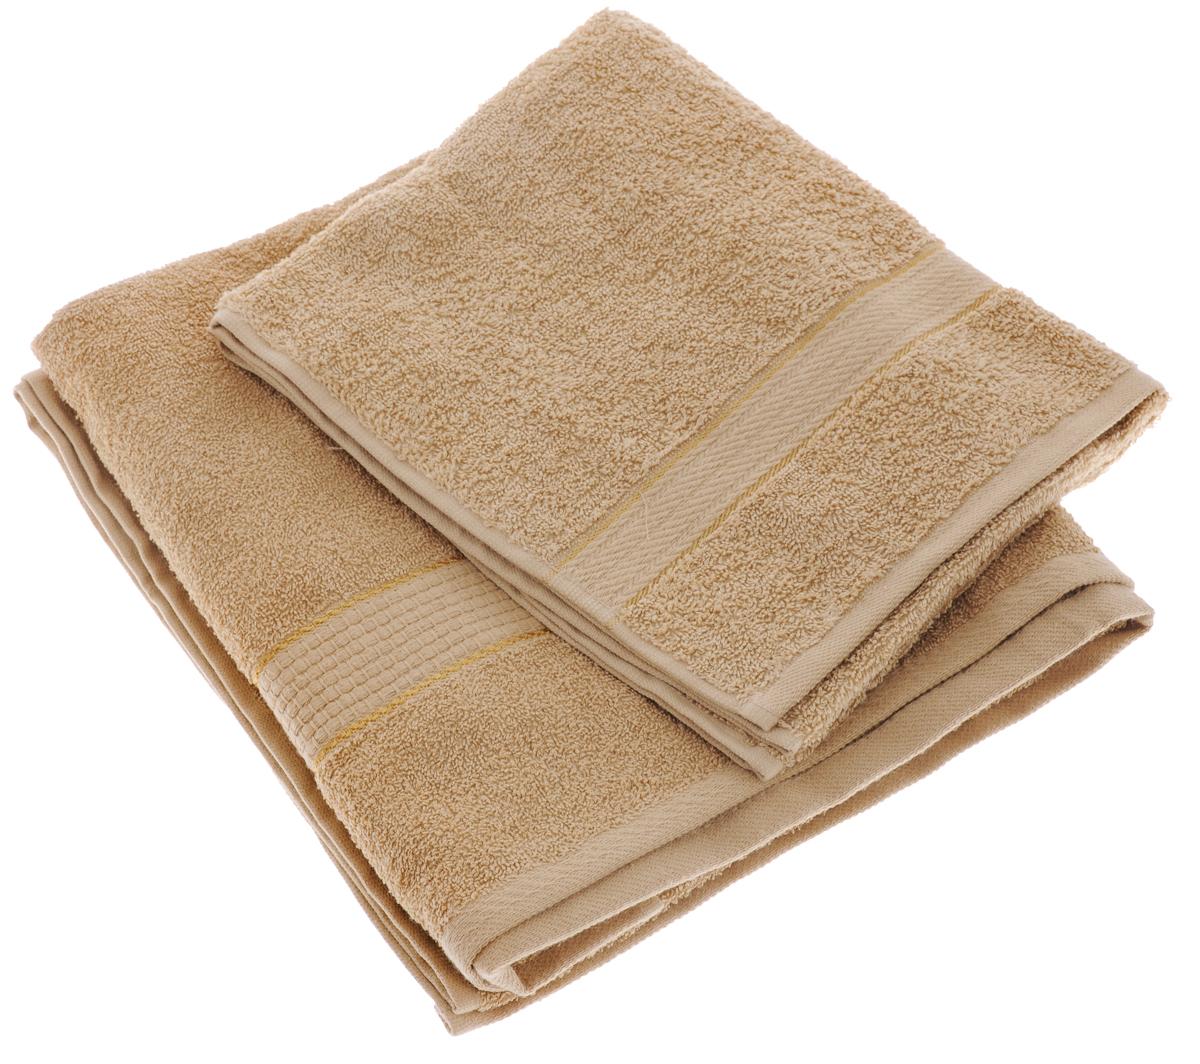 Набор махровых полотенец Aisha Home Textile, цвет: светло-коричневый, 2 шт. УзТ-НПМ-102LFT-CS-SET-03Набор Aisha Home Textile состоит из двух махровых полотенец разного размера. В состав входит только натуральное волокно - 100% хлопок. Лаконичные бордюры подойдут для любого интерьера ванной комнаты. Полотенца прекрасно впитывают влагу и быстро сохнут. При соблюдении рекомендаций по уходу не линяют и не теряют форму даже после многократных стирок.Комплектация: 2 шт.